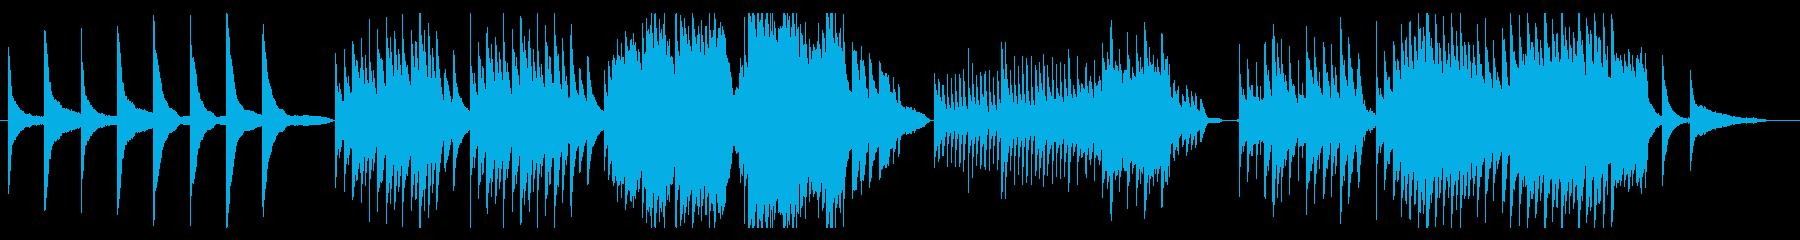 劇伴風 哀しいシーン用の静かなピアノ曲の再生済みの波形